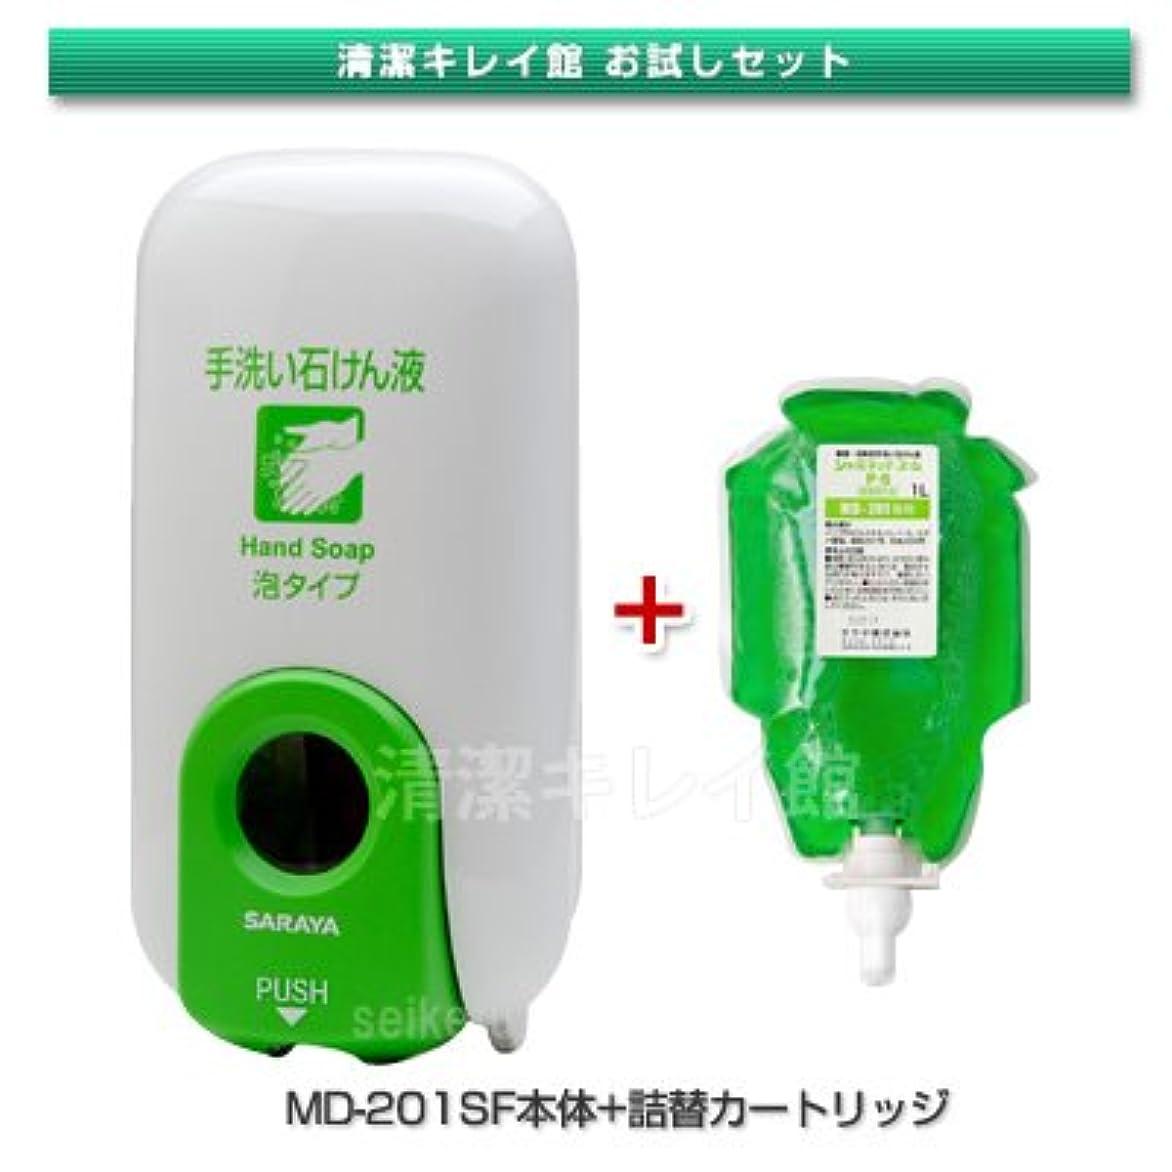 科学スムーズに動員するサラヤ プッシュ式石鹸液 MD-201SF(泡)【清潔キレイ館お試しセット】(本体とカートリッジ/ユムP-5)